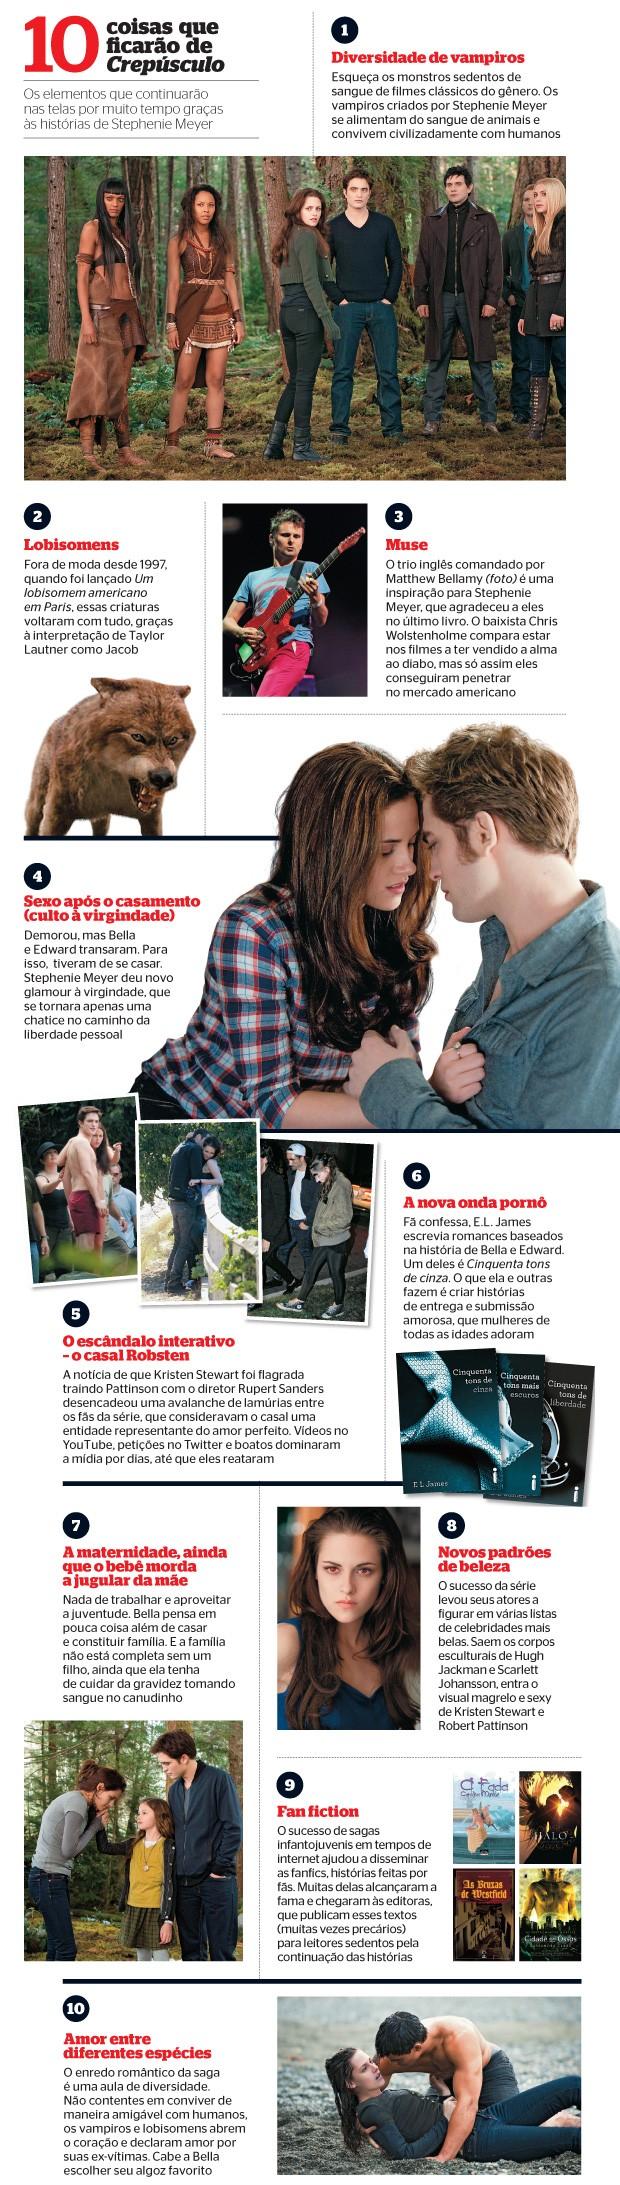 10 coisas que ficarão de Crepúsculo (Foto: Divulgação (6), AKM Images/SDFL/Splash News e FameFlynet/The Grosby )